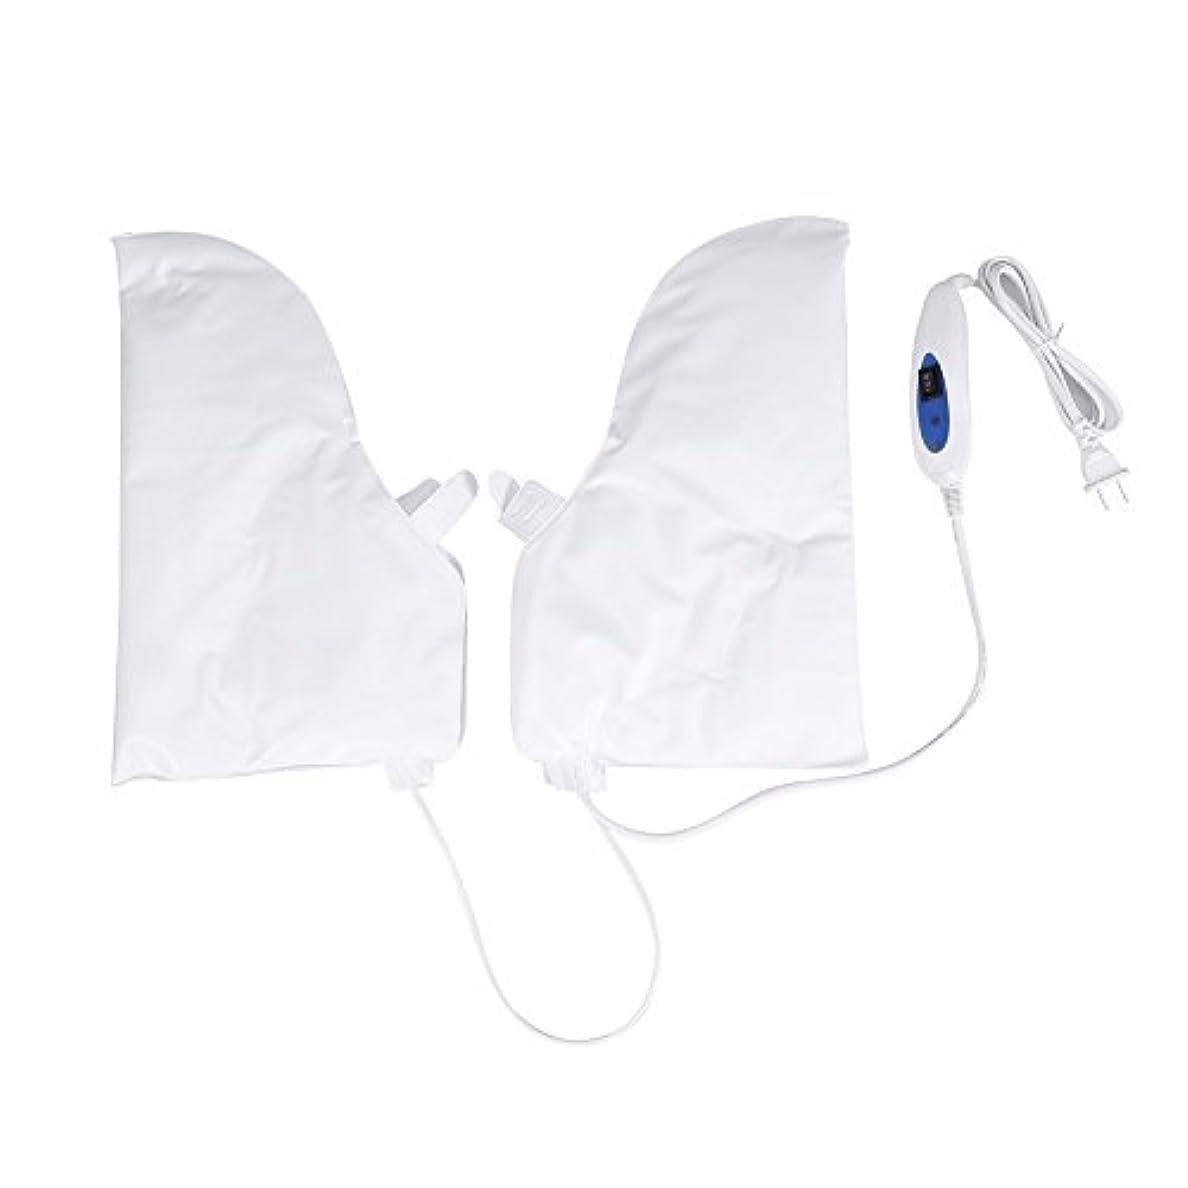 両方食堂単調な蒸し手袋 ハンドマスク 保湿グローブ 電熱手袋 ヒートグローブ 加熱式 電熱 手ケア ハンドケア 2つ加熱モード 乾燥対策 手荒れ対策 補水 保湿 美白 しっとり 美容 手袋